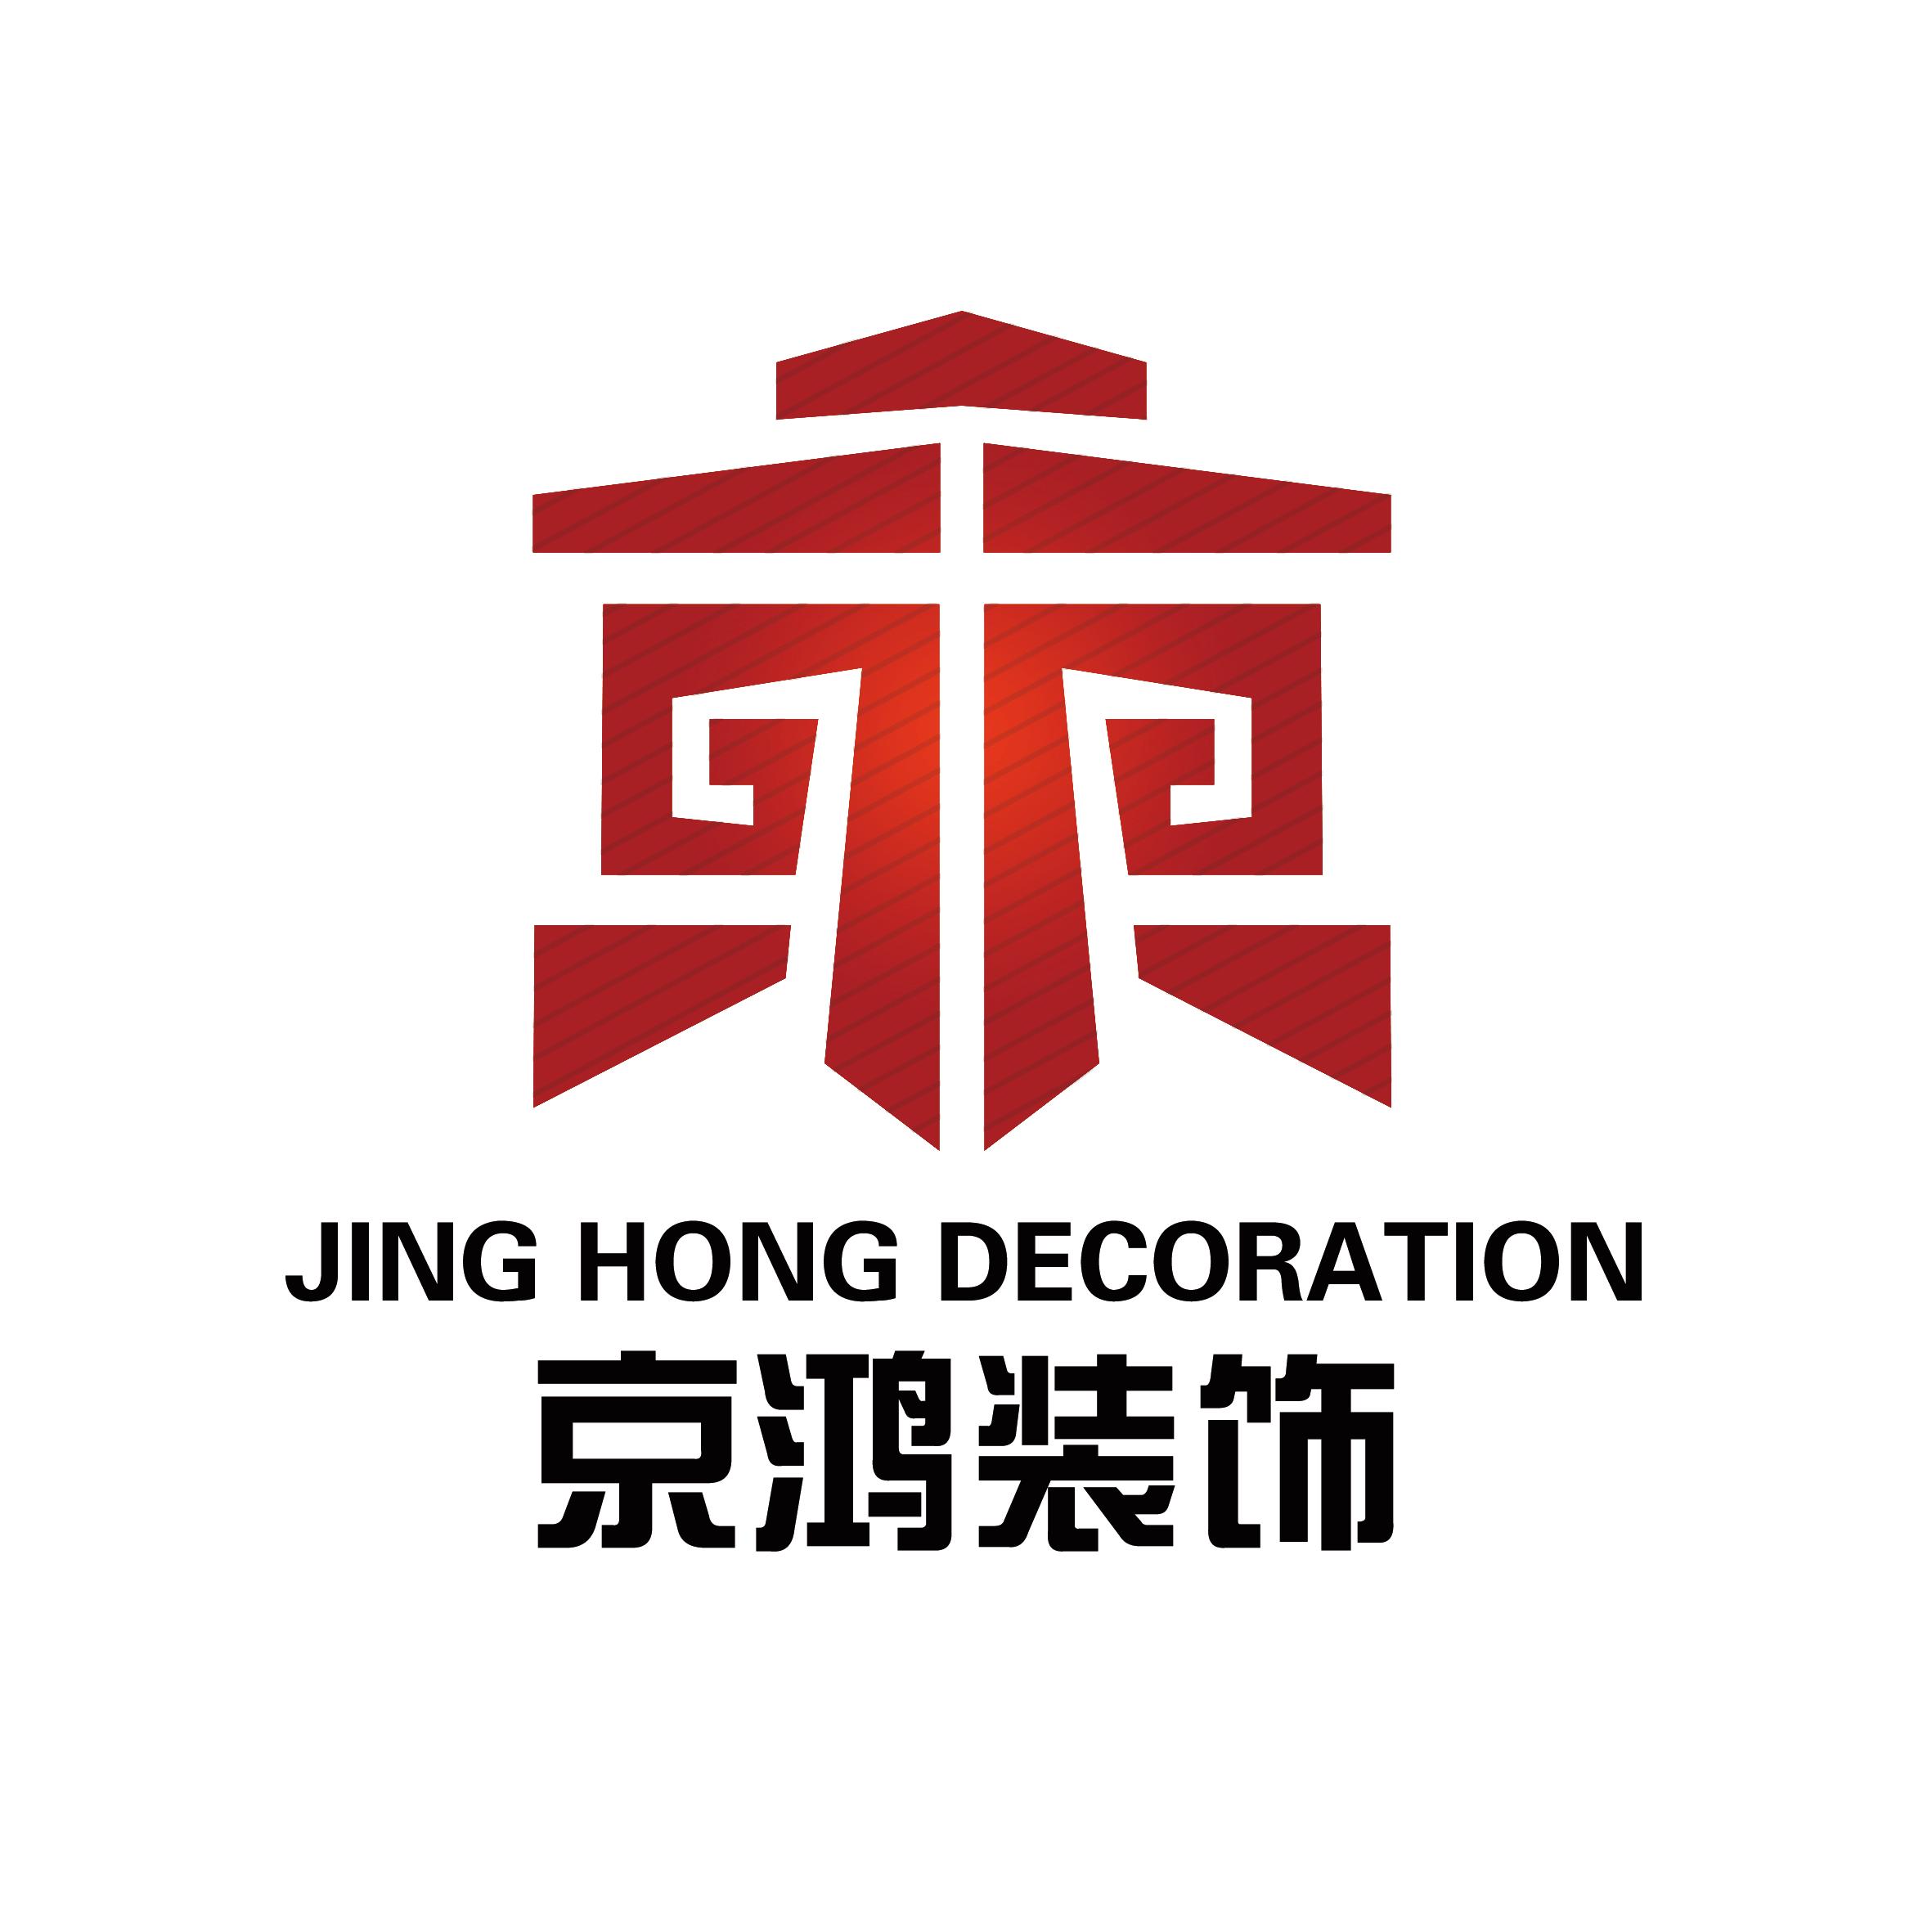 珲春市京鸿装饰工程有限公司